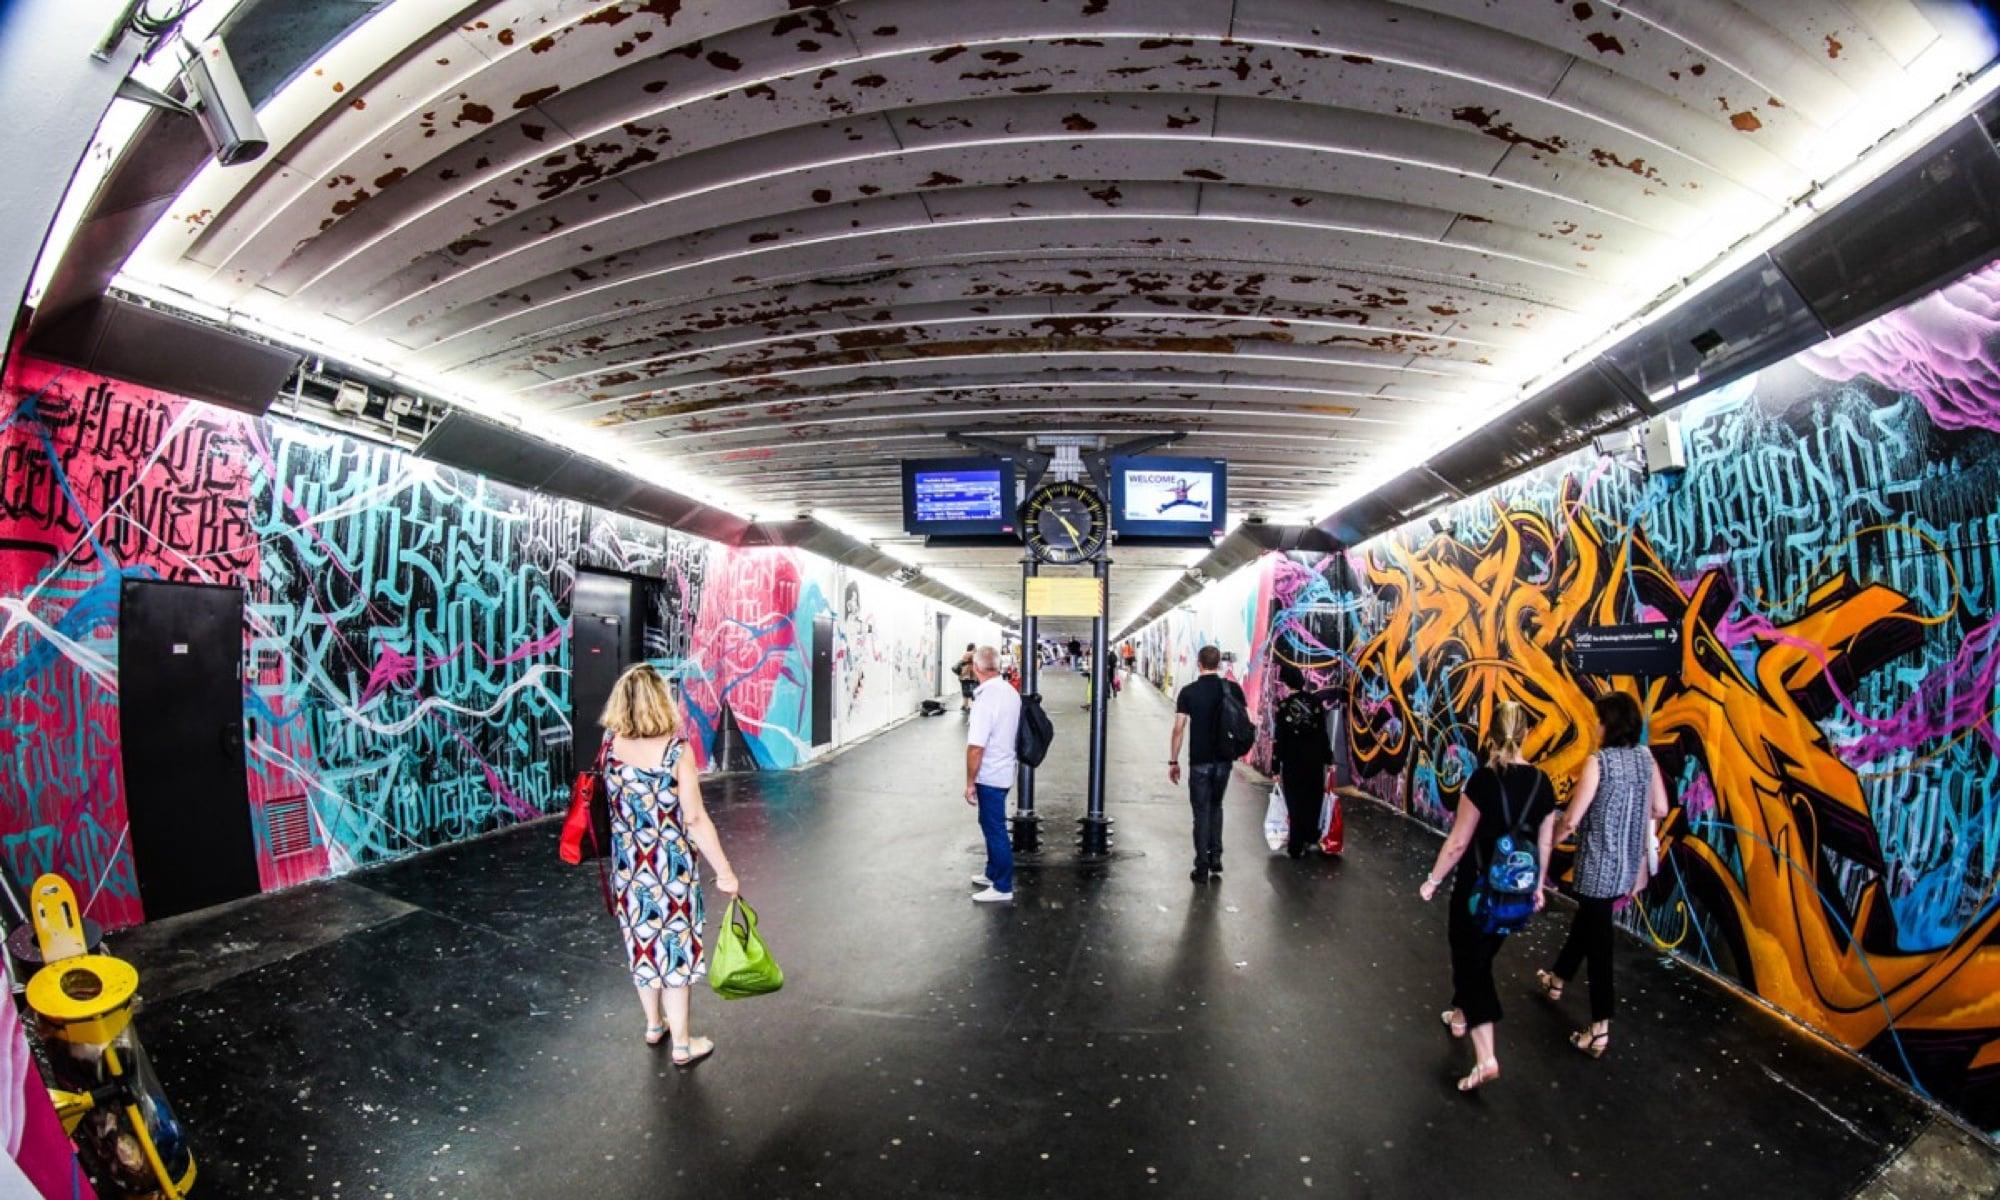 Street Artiste : Baske ToBeTrue